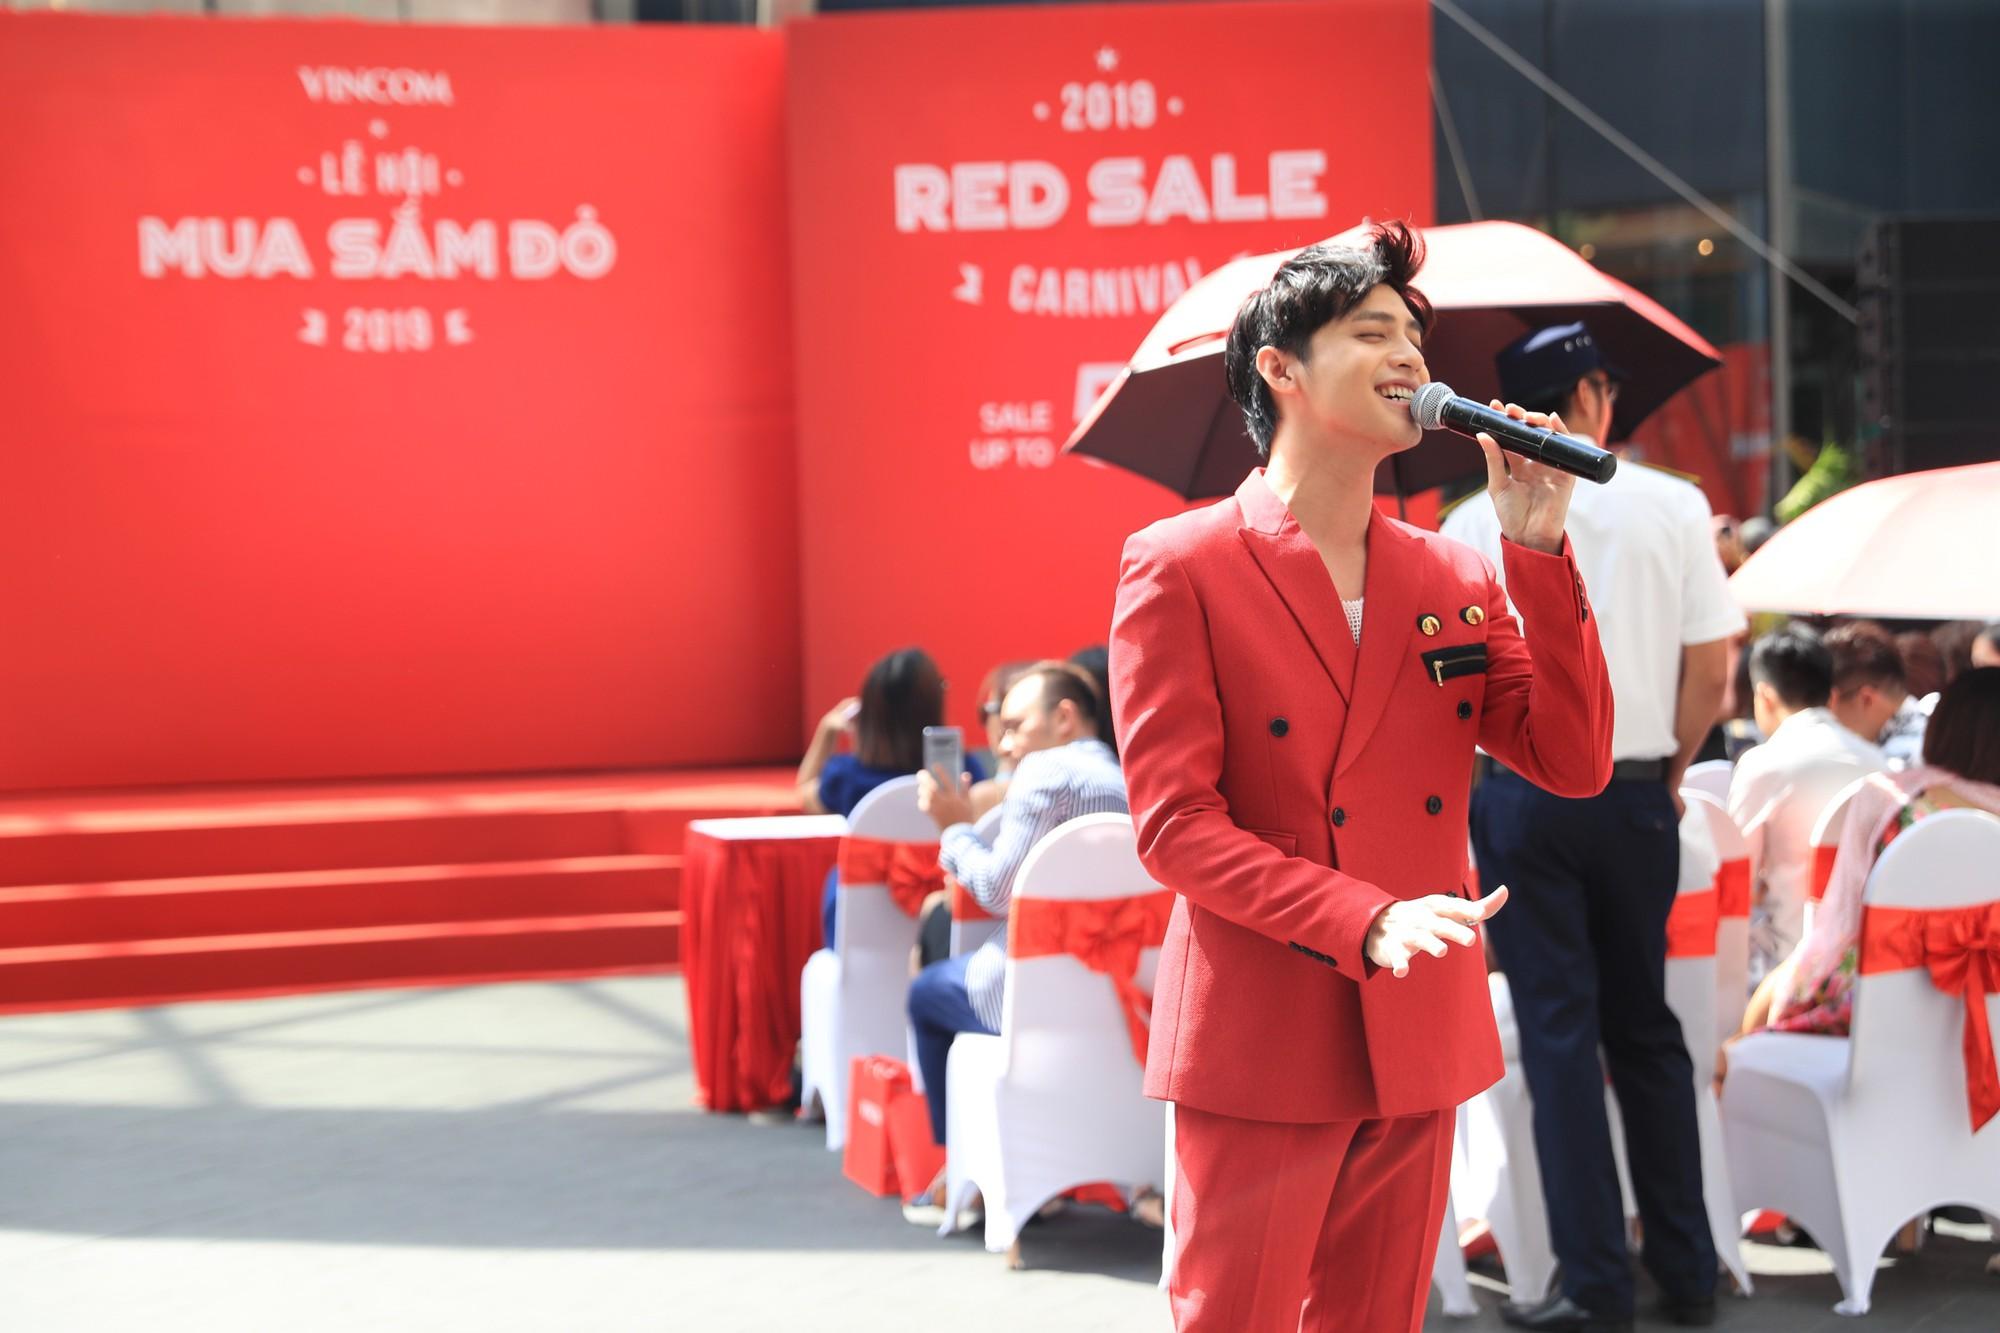 Noo Phước Thịnh điển trai, khuấy động lễ khai mạc Vincom Red Sale Carnival 2019 - Ảnh 3.